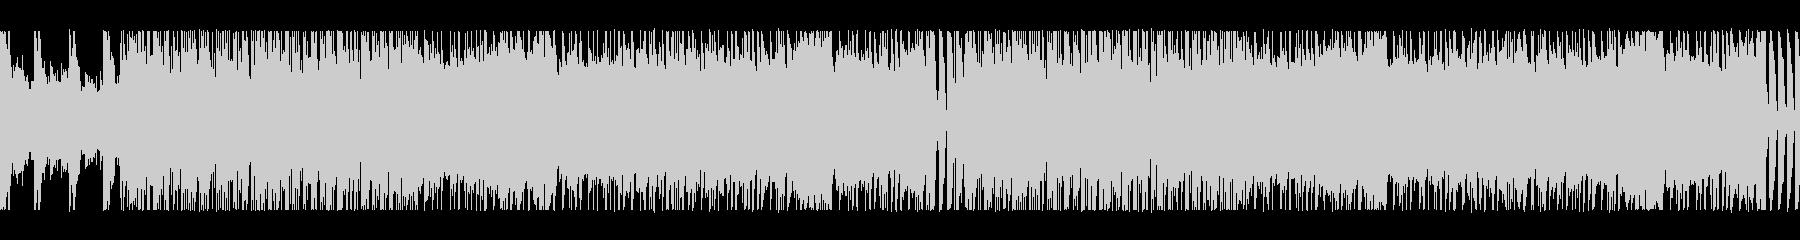 ループ:グランジ、オルタナティブロックの未再生の波形